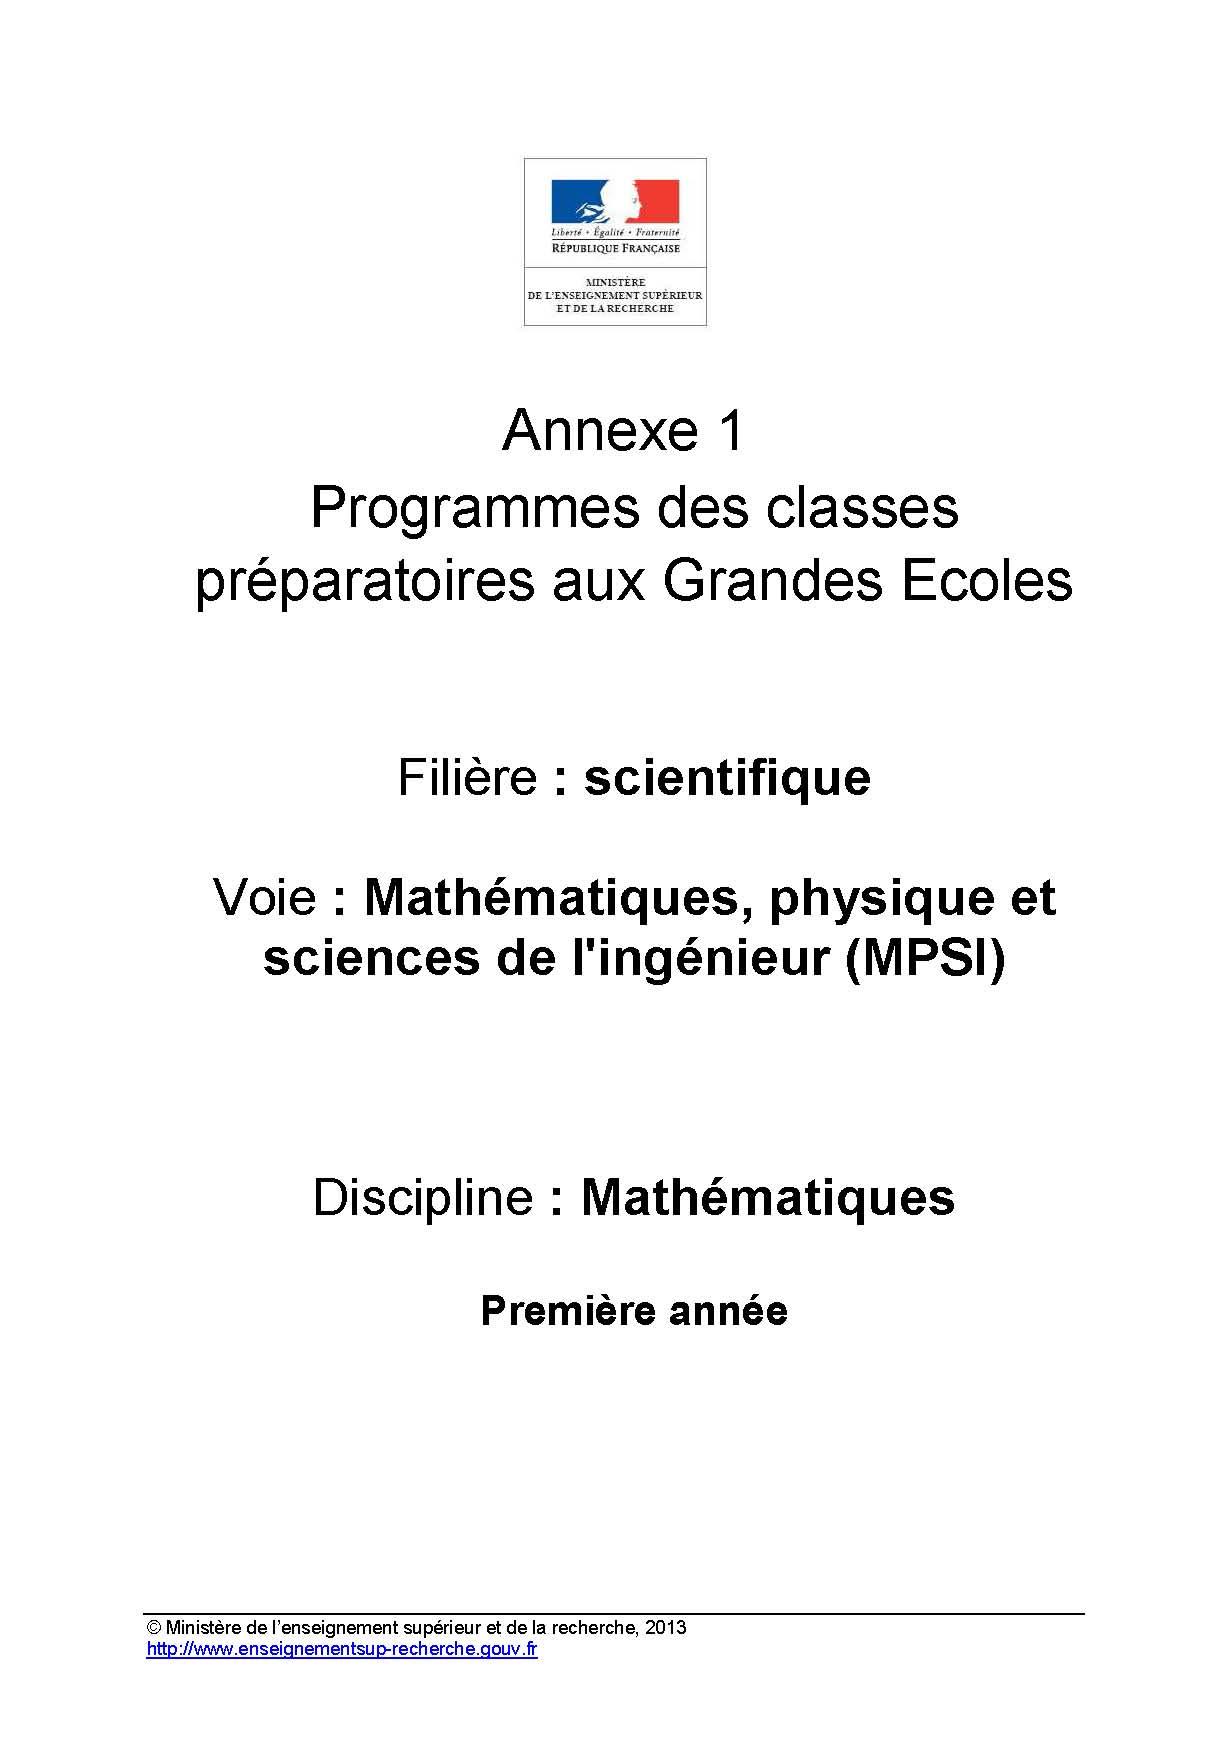 Annexes et programme MPSI